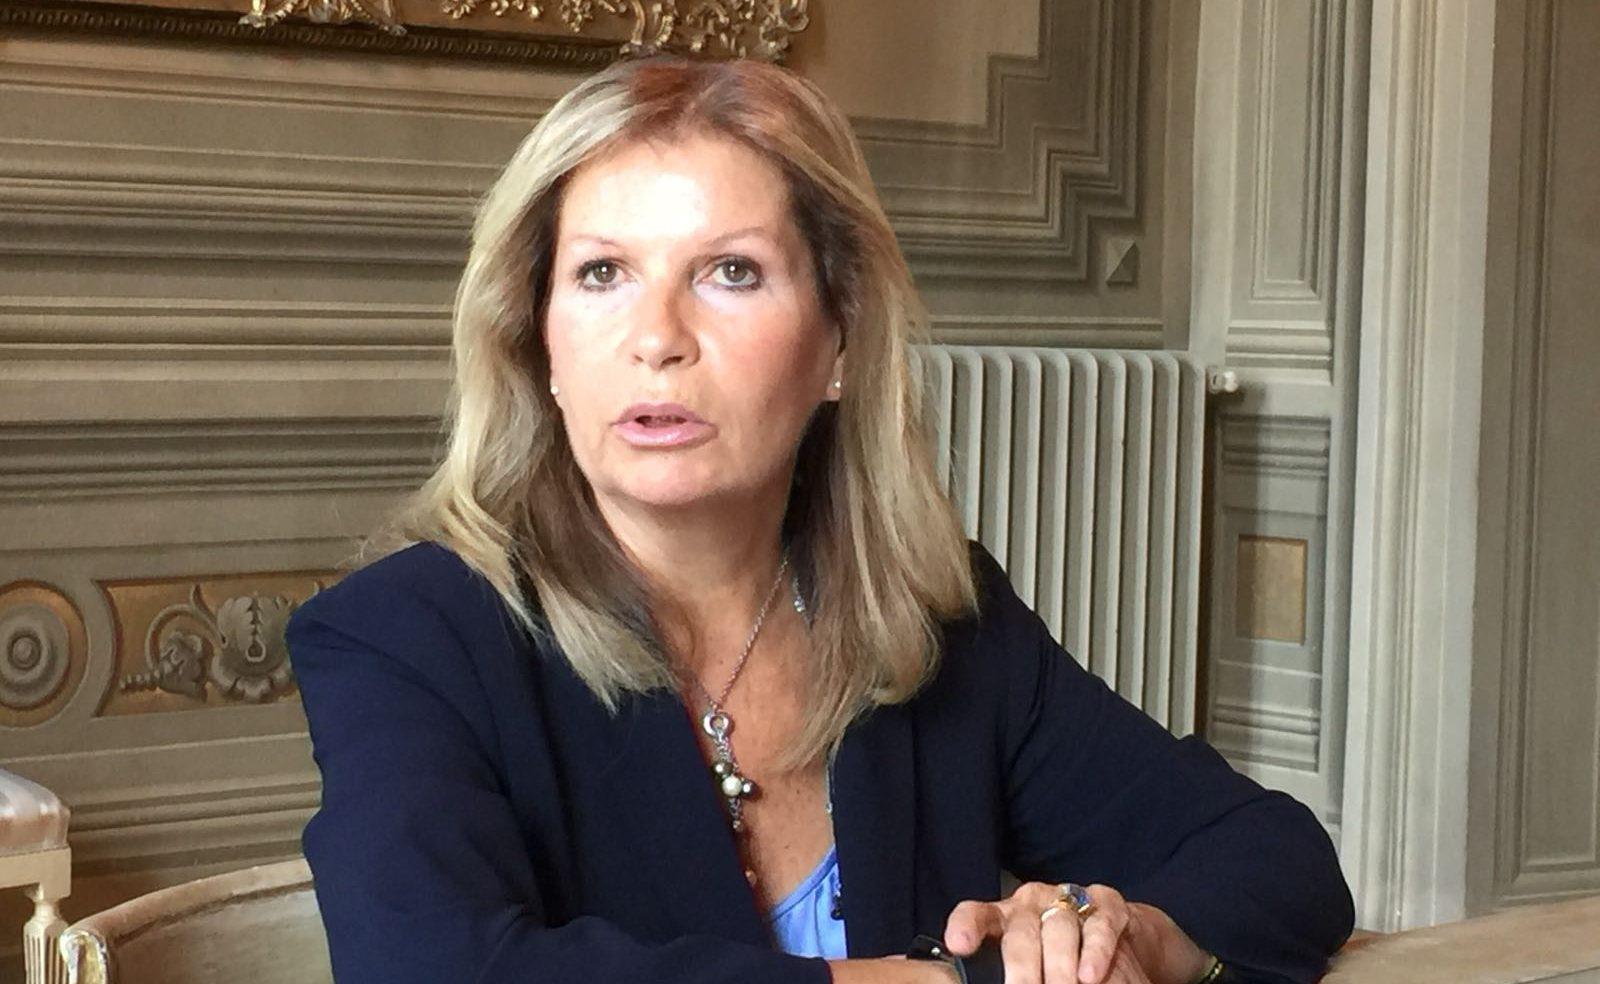 Prefettura di Firenze approva tavolo contro violenza su minori